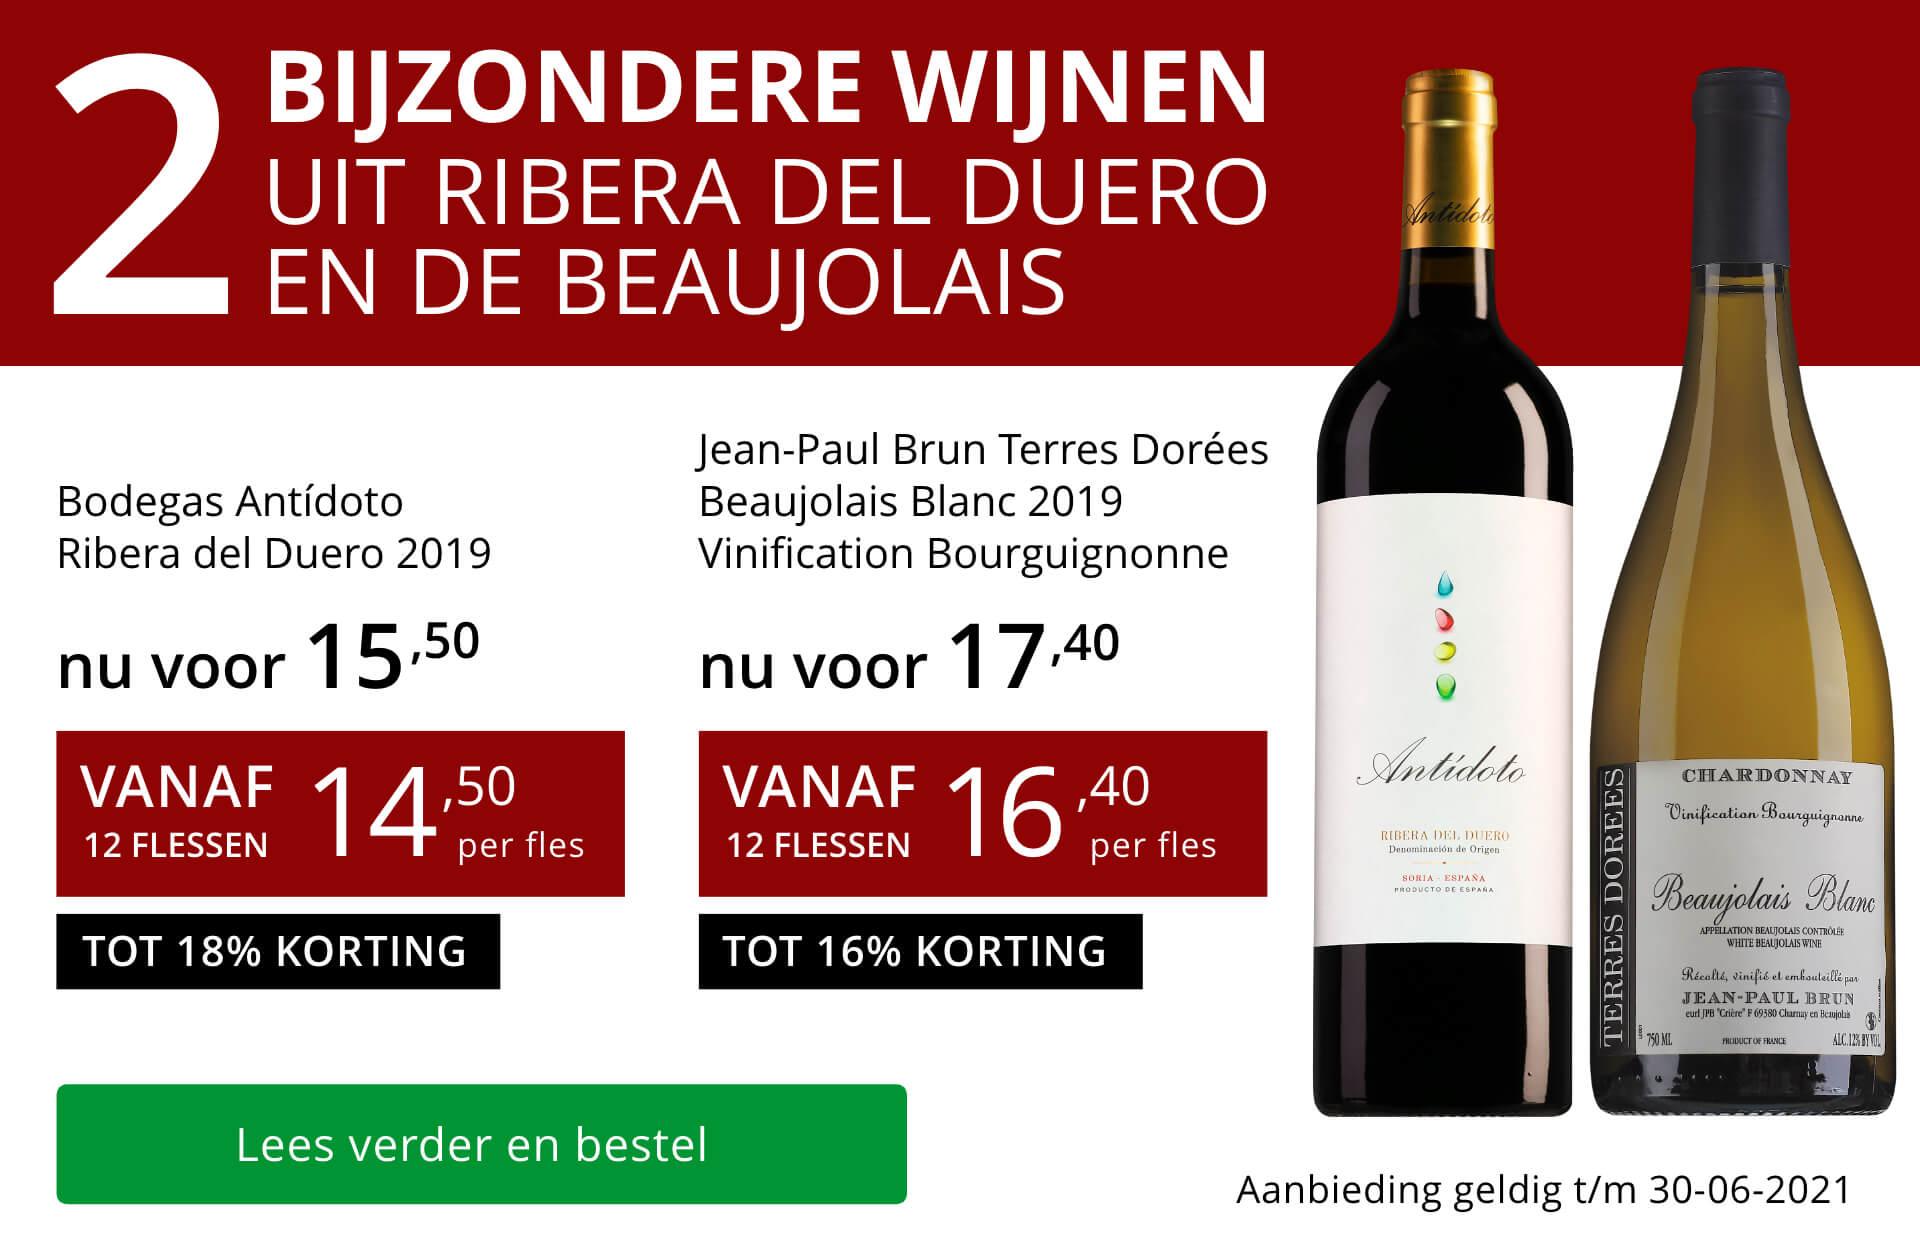 Twee bijzondere wijnen juni 2021 - rood